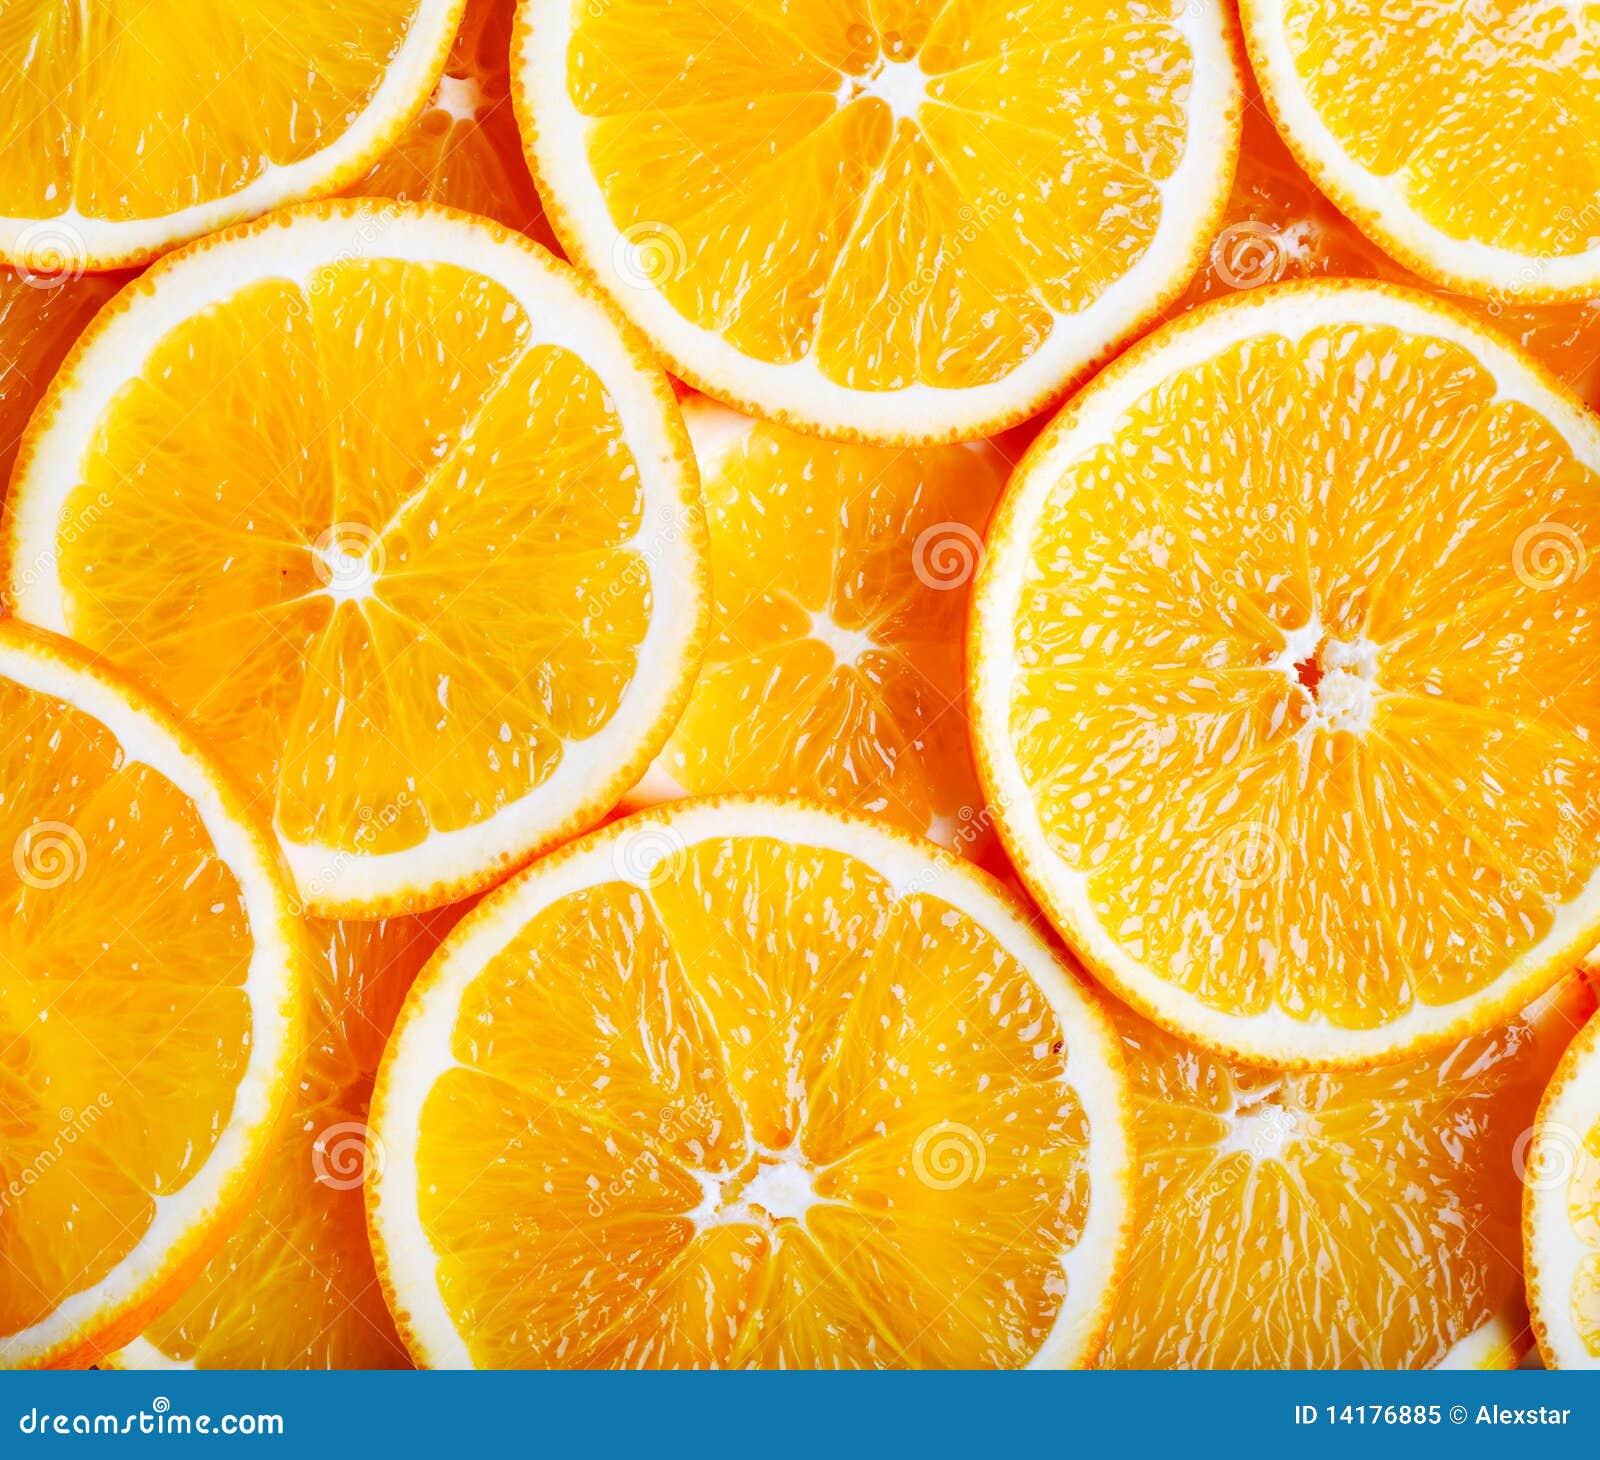 Oranges coupées en tranches dans une configuration